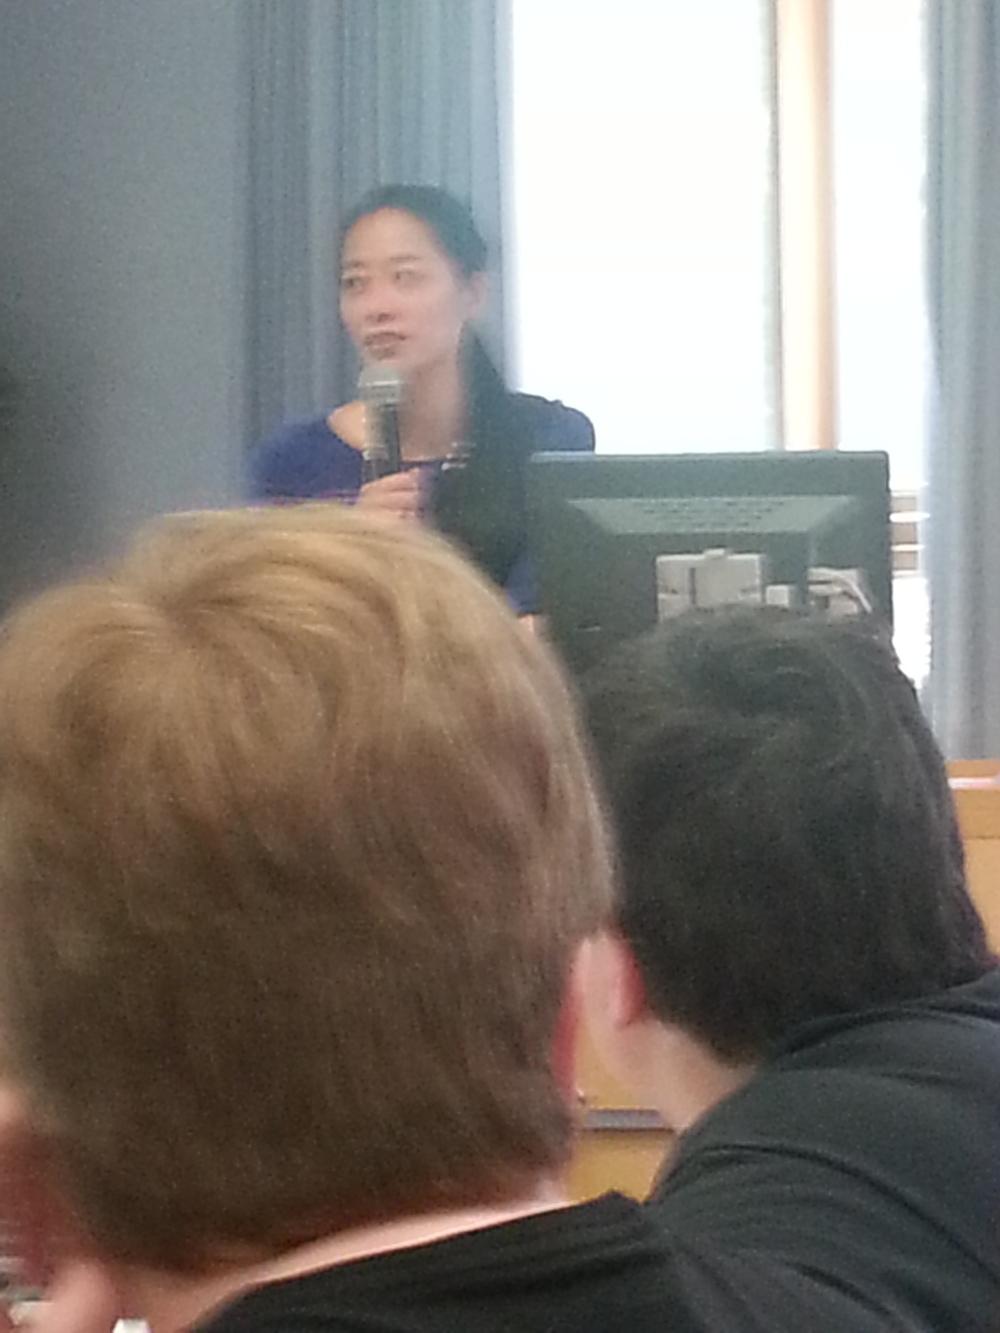 Adeline Koh giving an award.